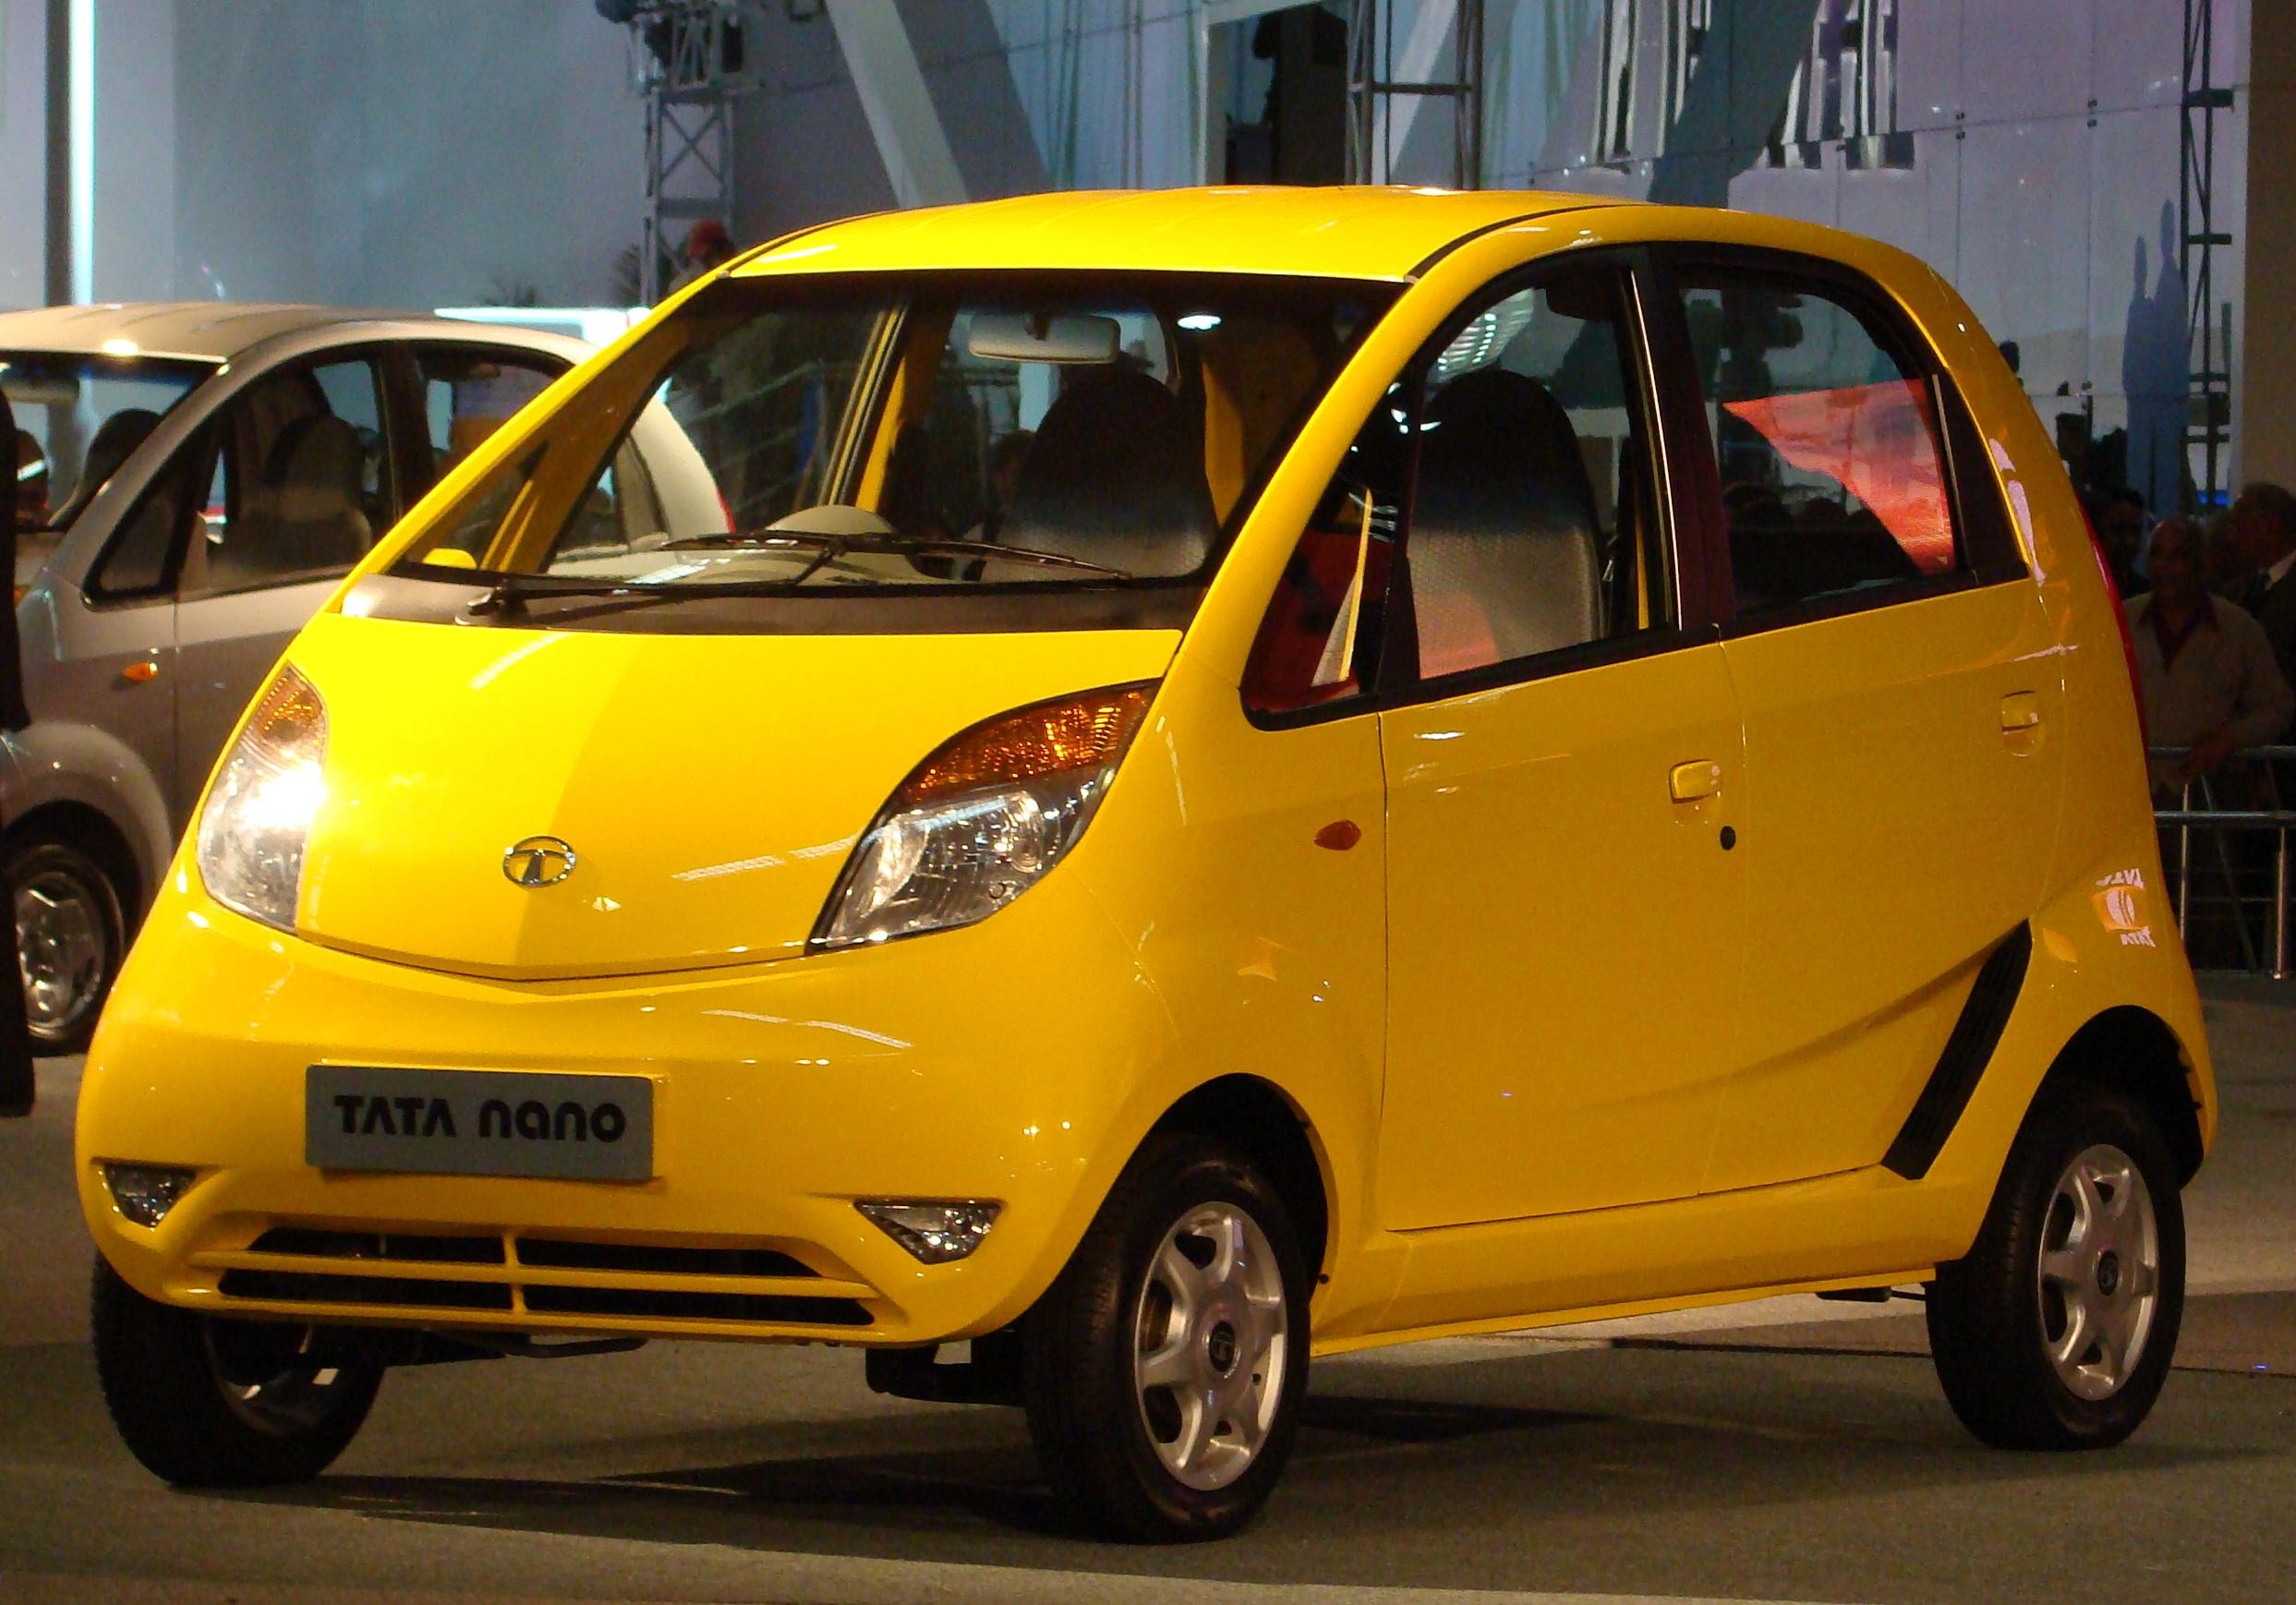 Tata Nano in Yellow color